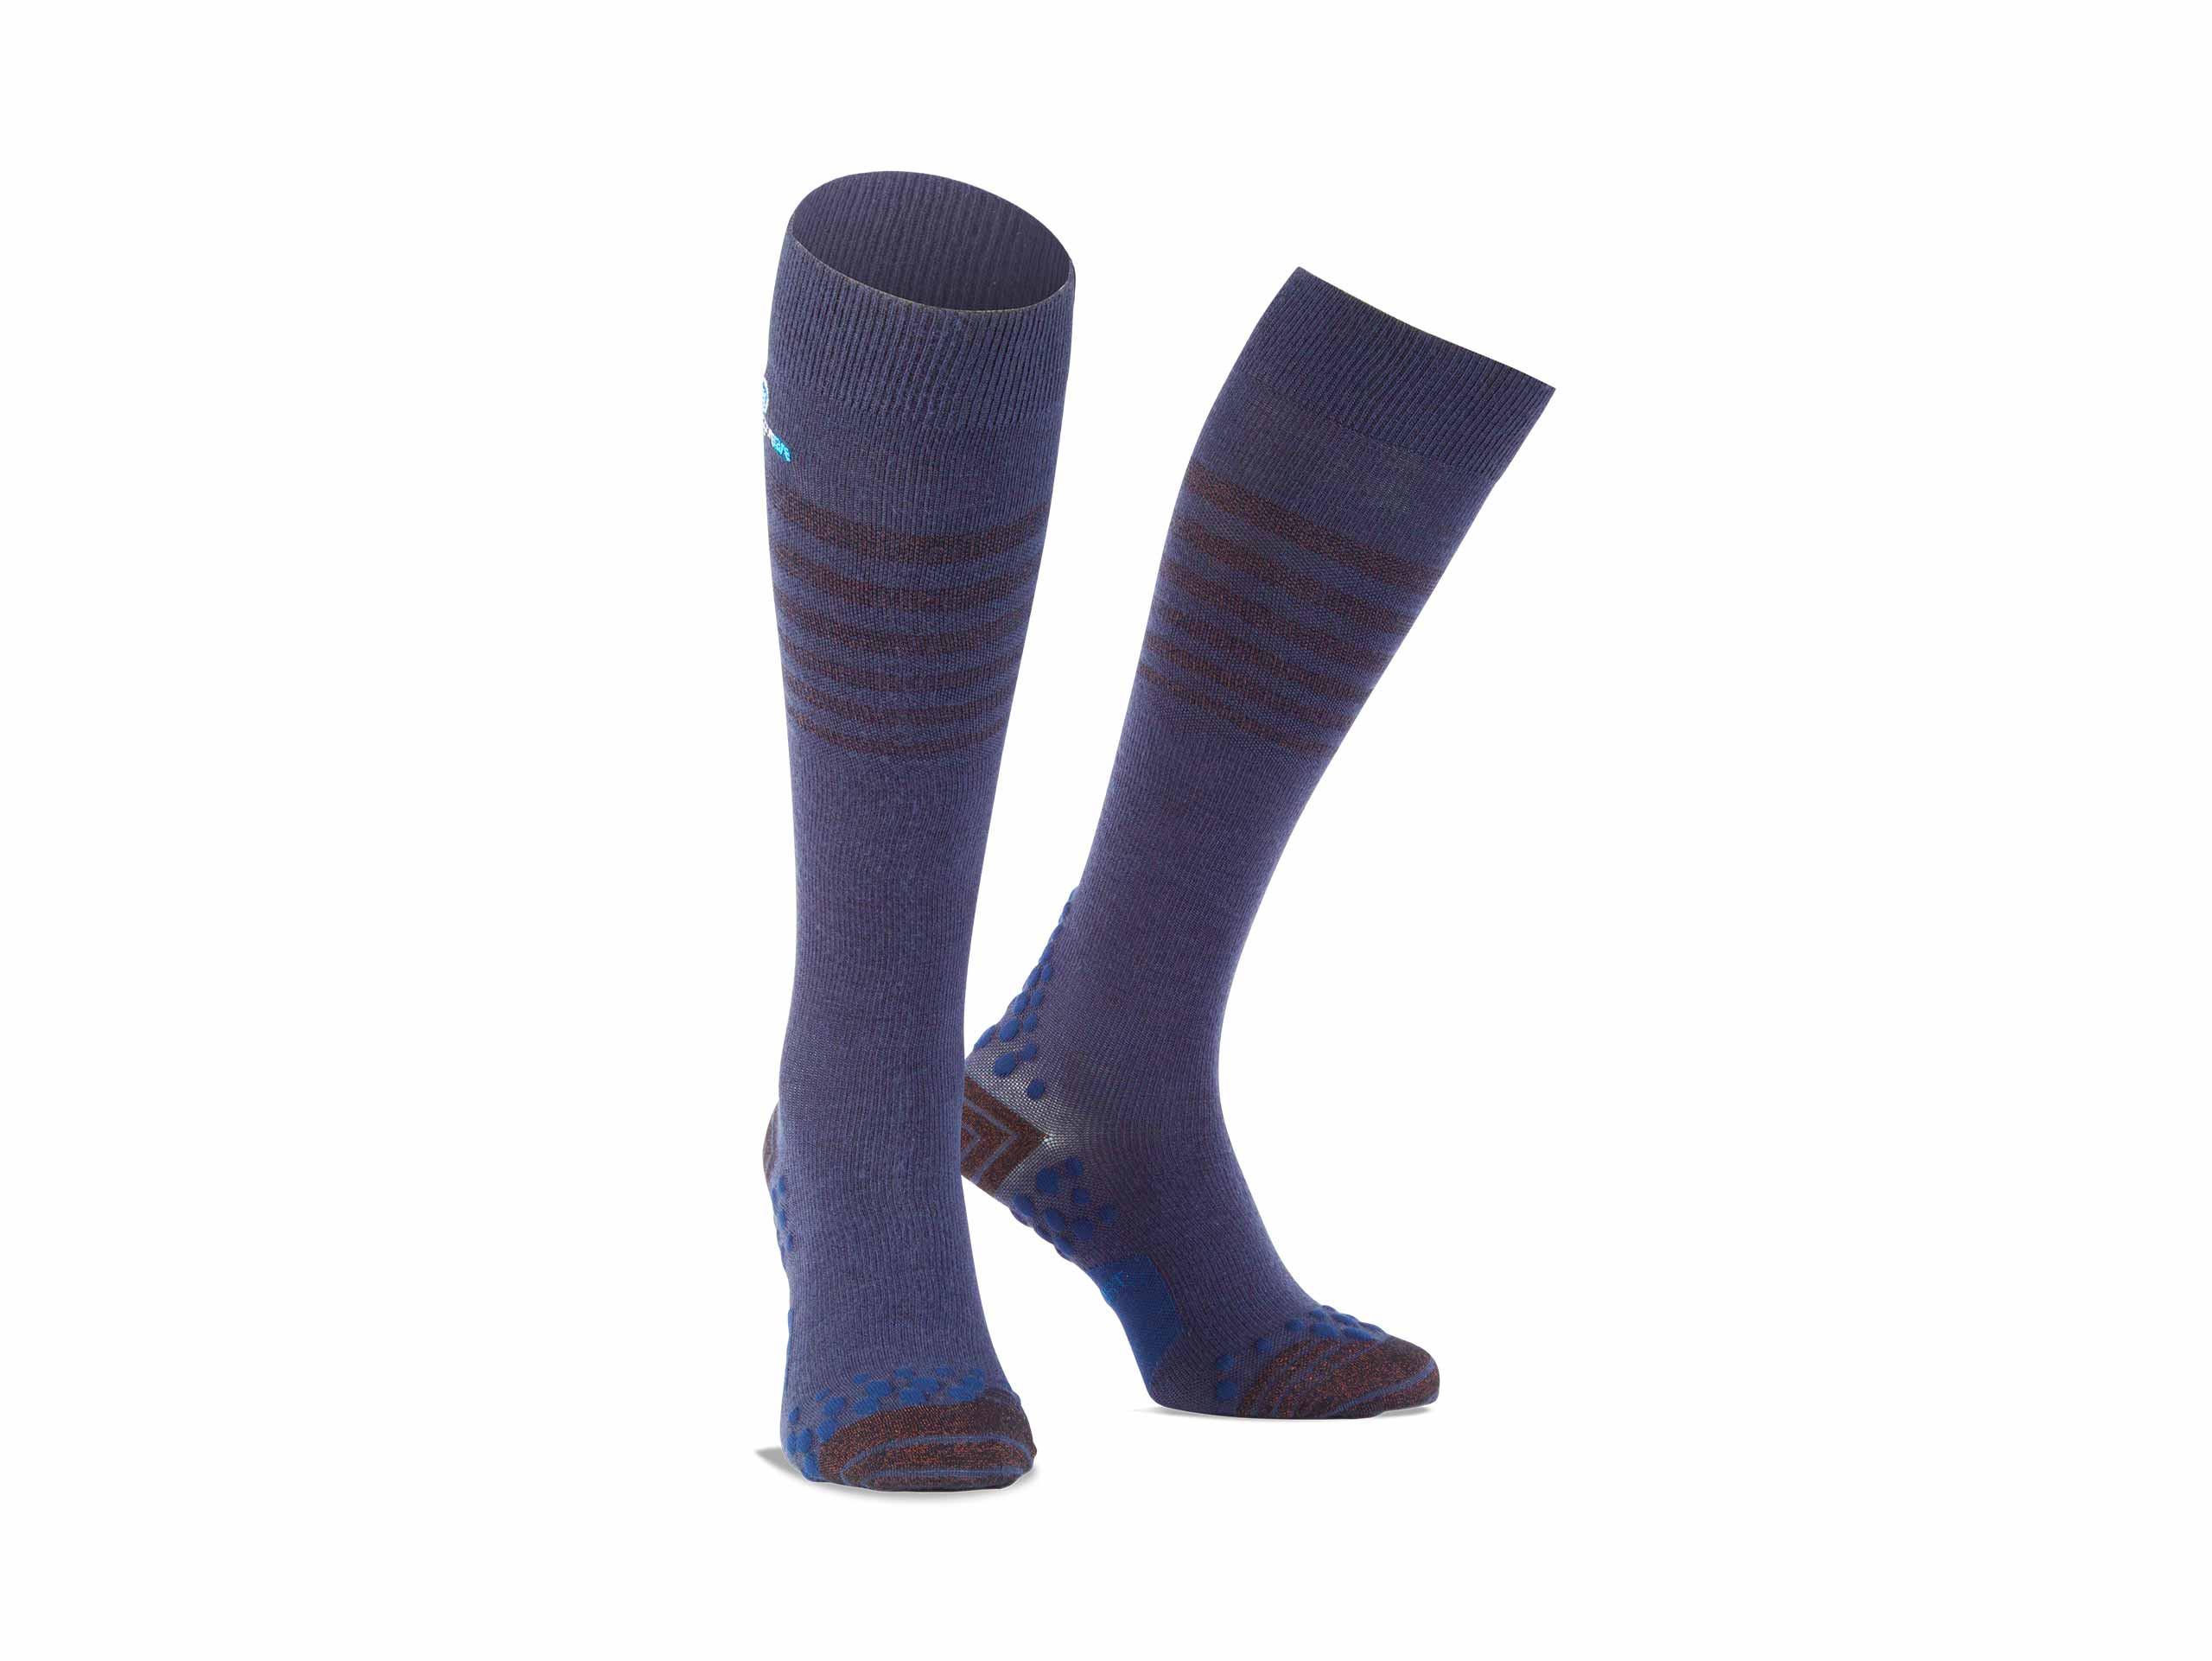 Copper socks navy